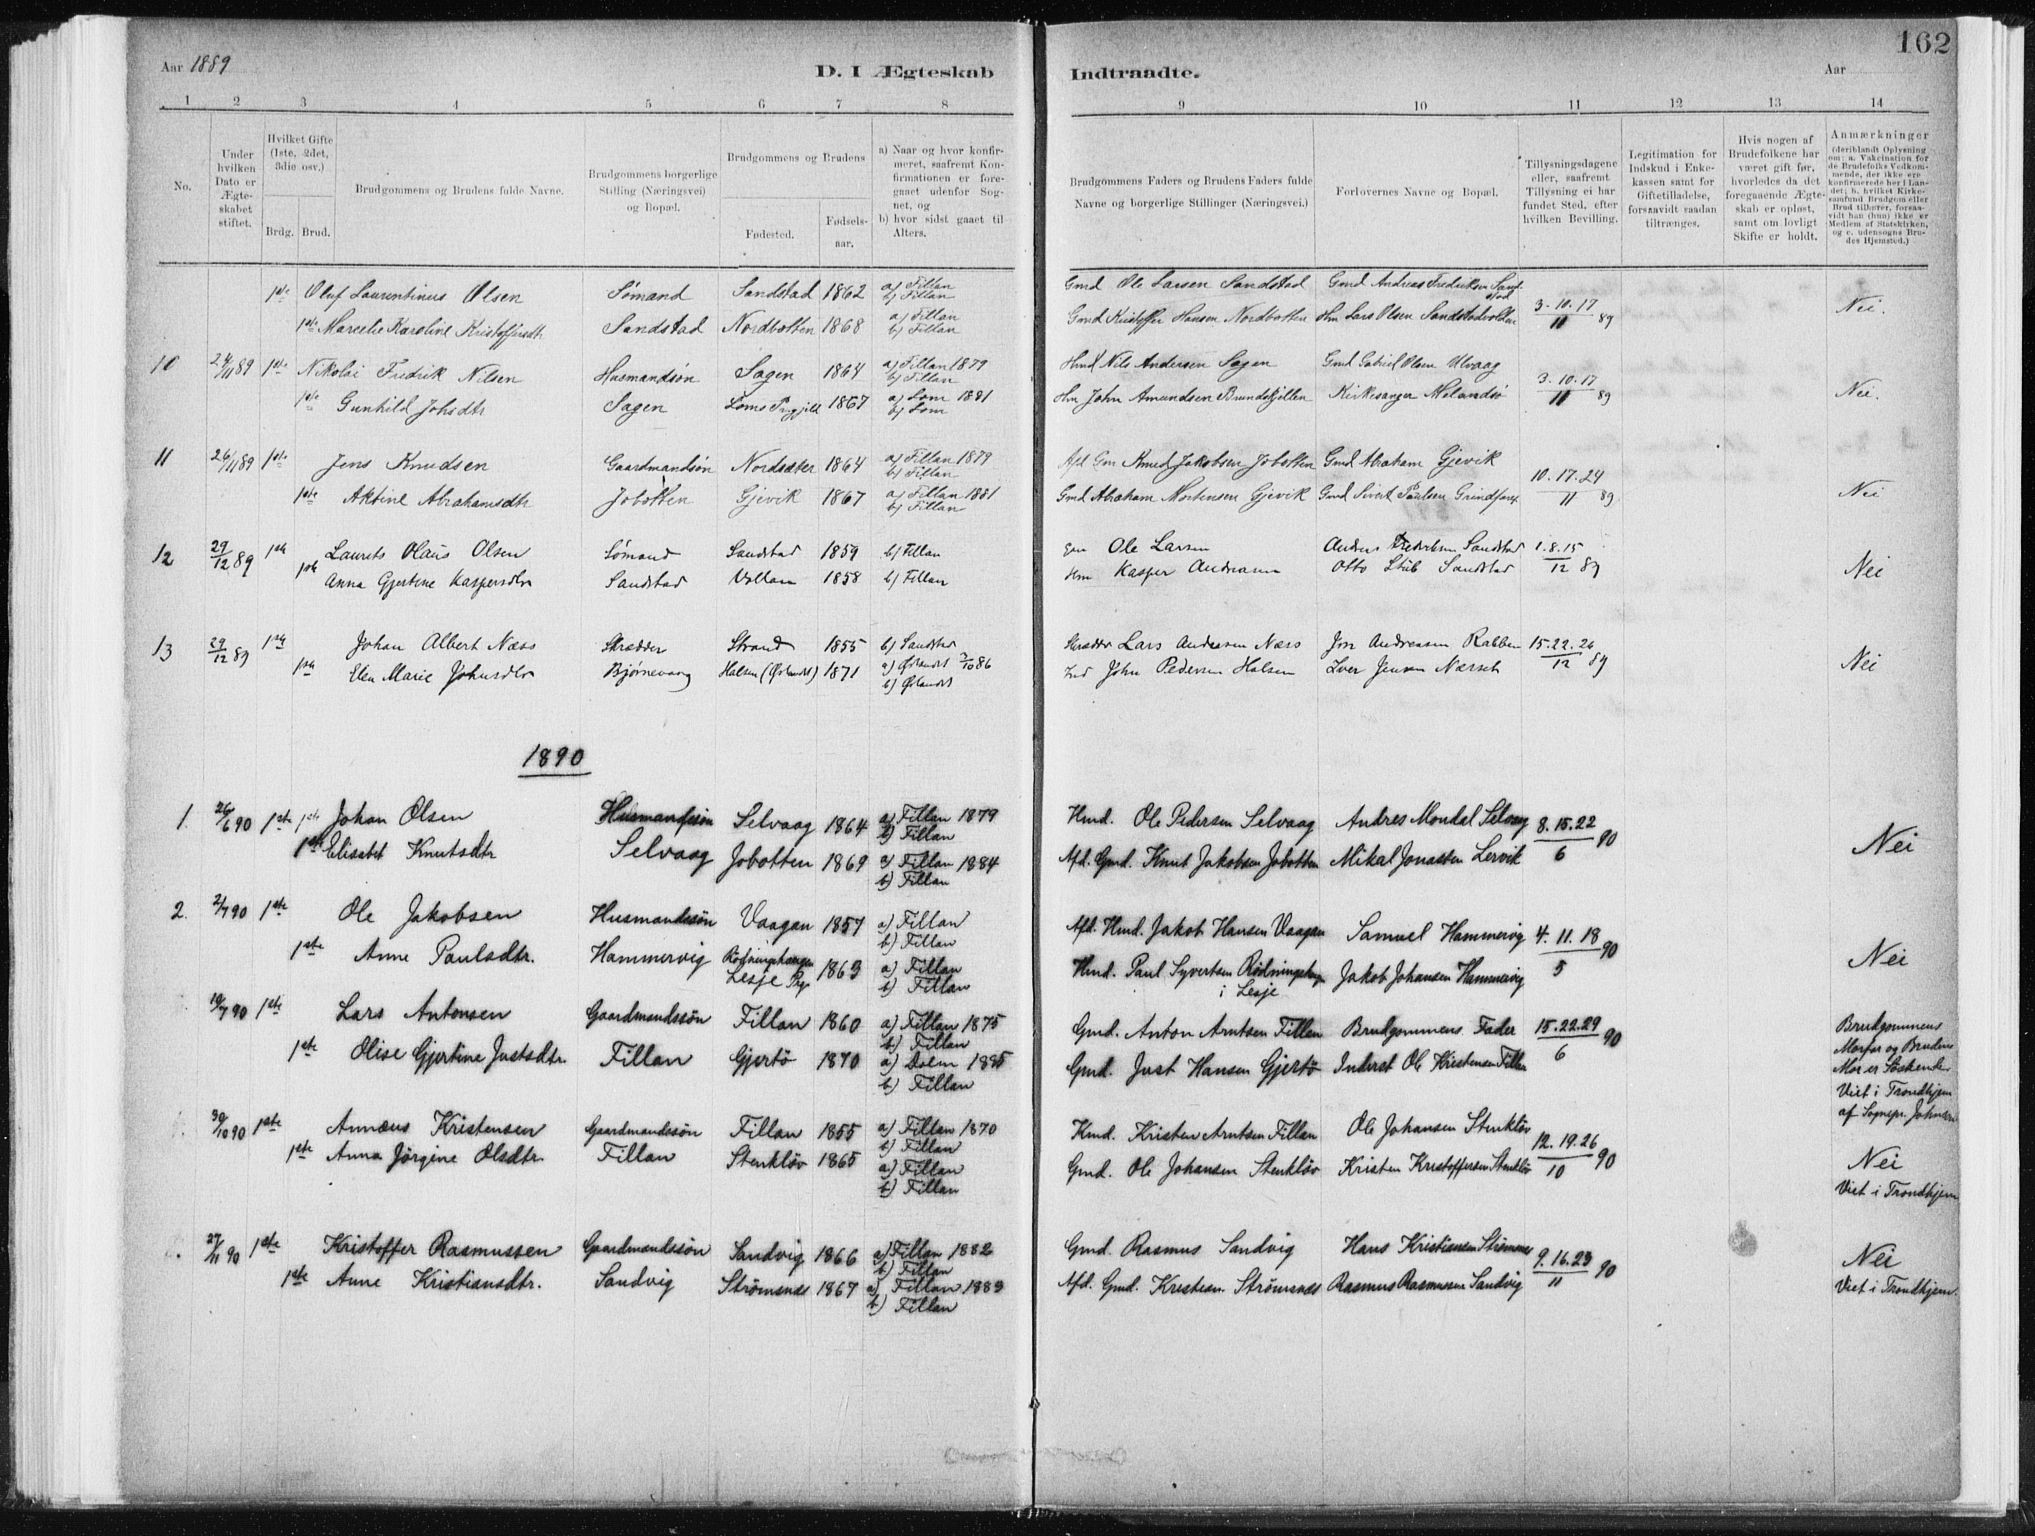 SAT, Ministerialprotokoller, klokkerbøker og fødselsregistre - Sør-Trøndelag, 637/L0558: Ministerialbok nr. 637A01, 1882-1899, s. 162